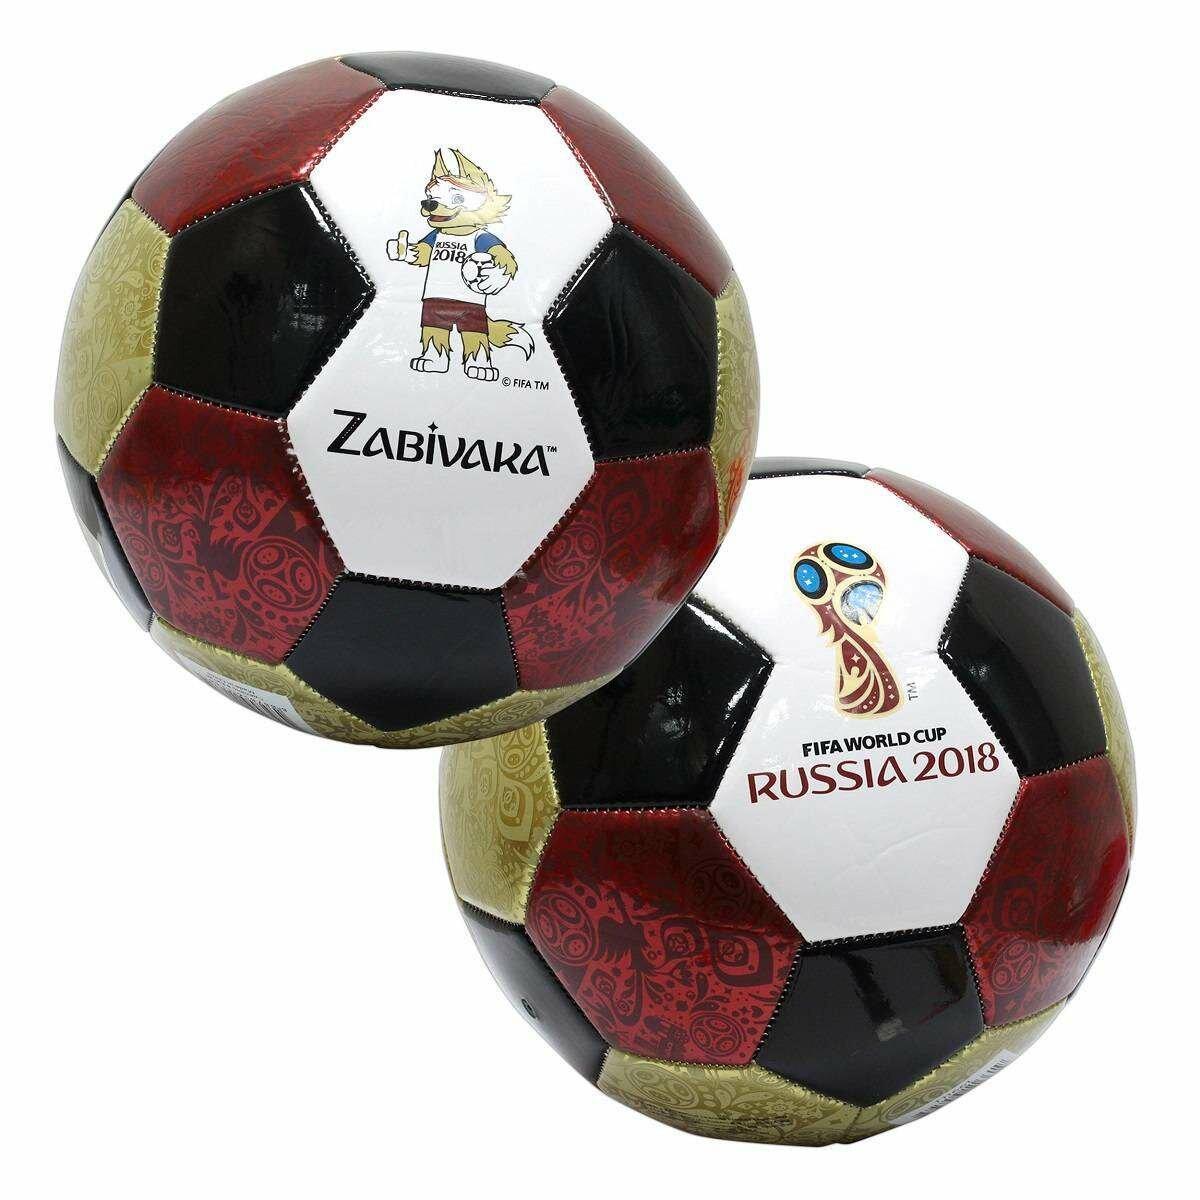 Мяч футбольный FIFA 2018 Zabivaka, размер 5